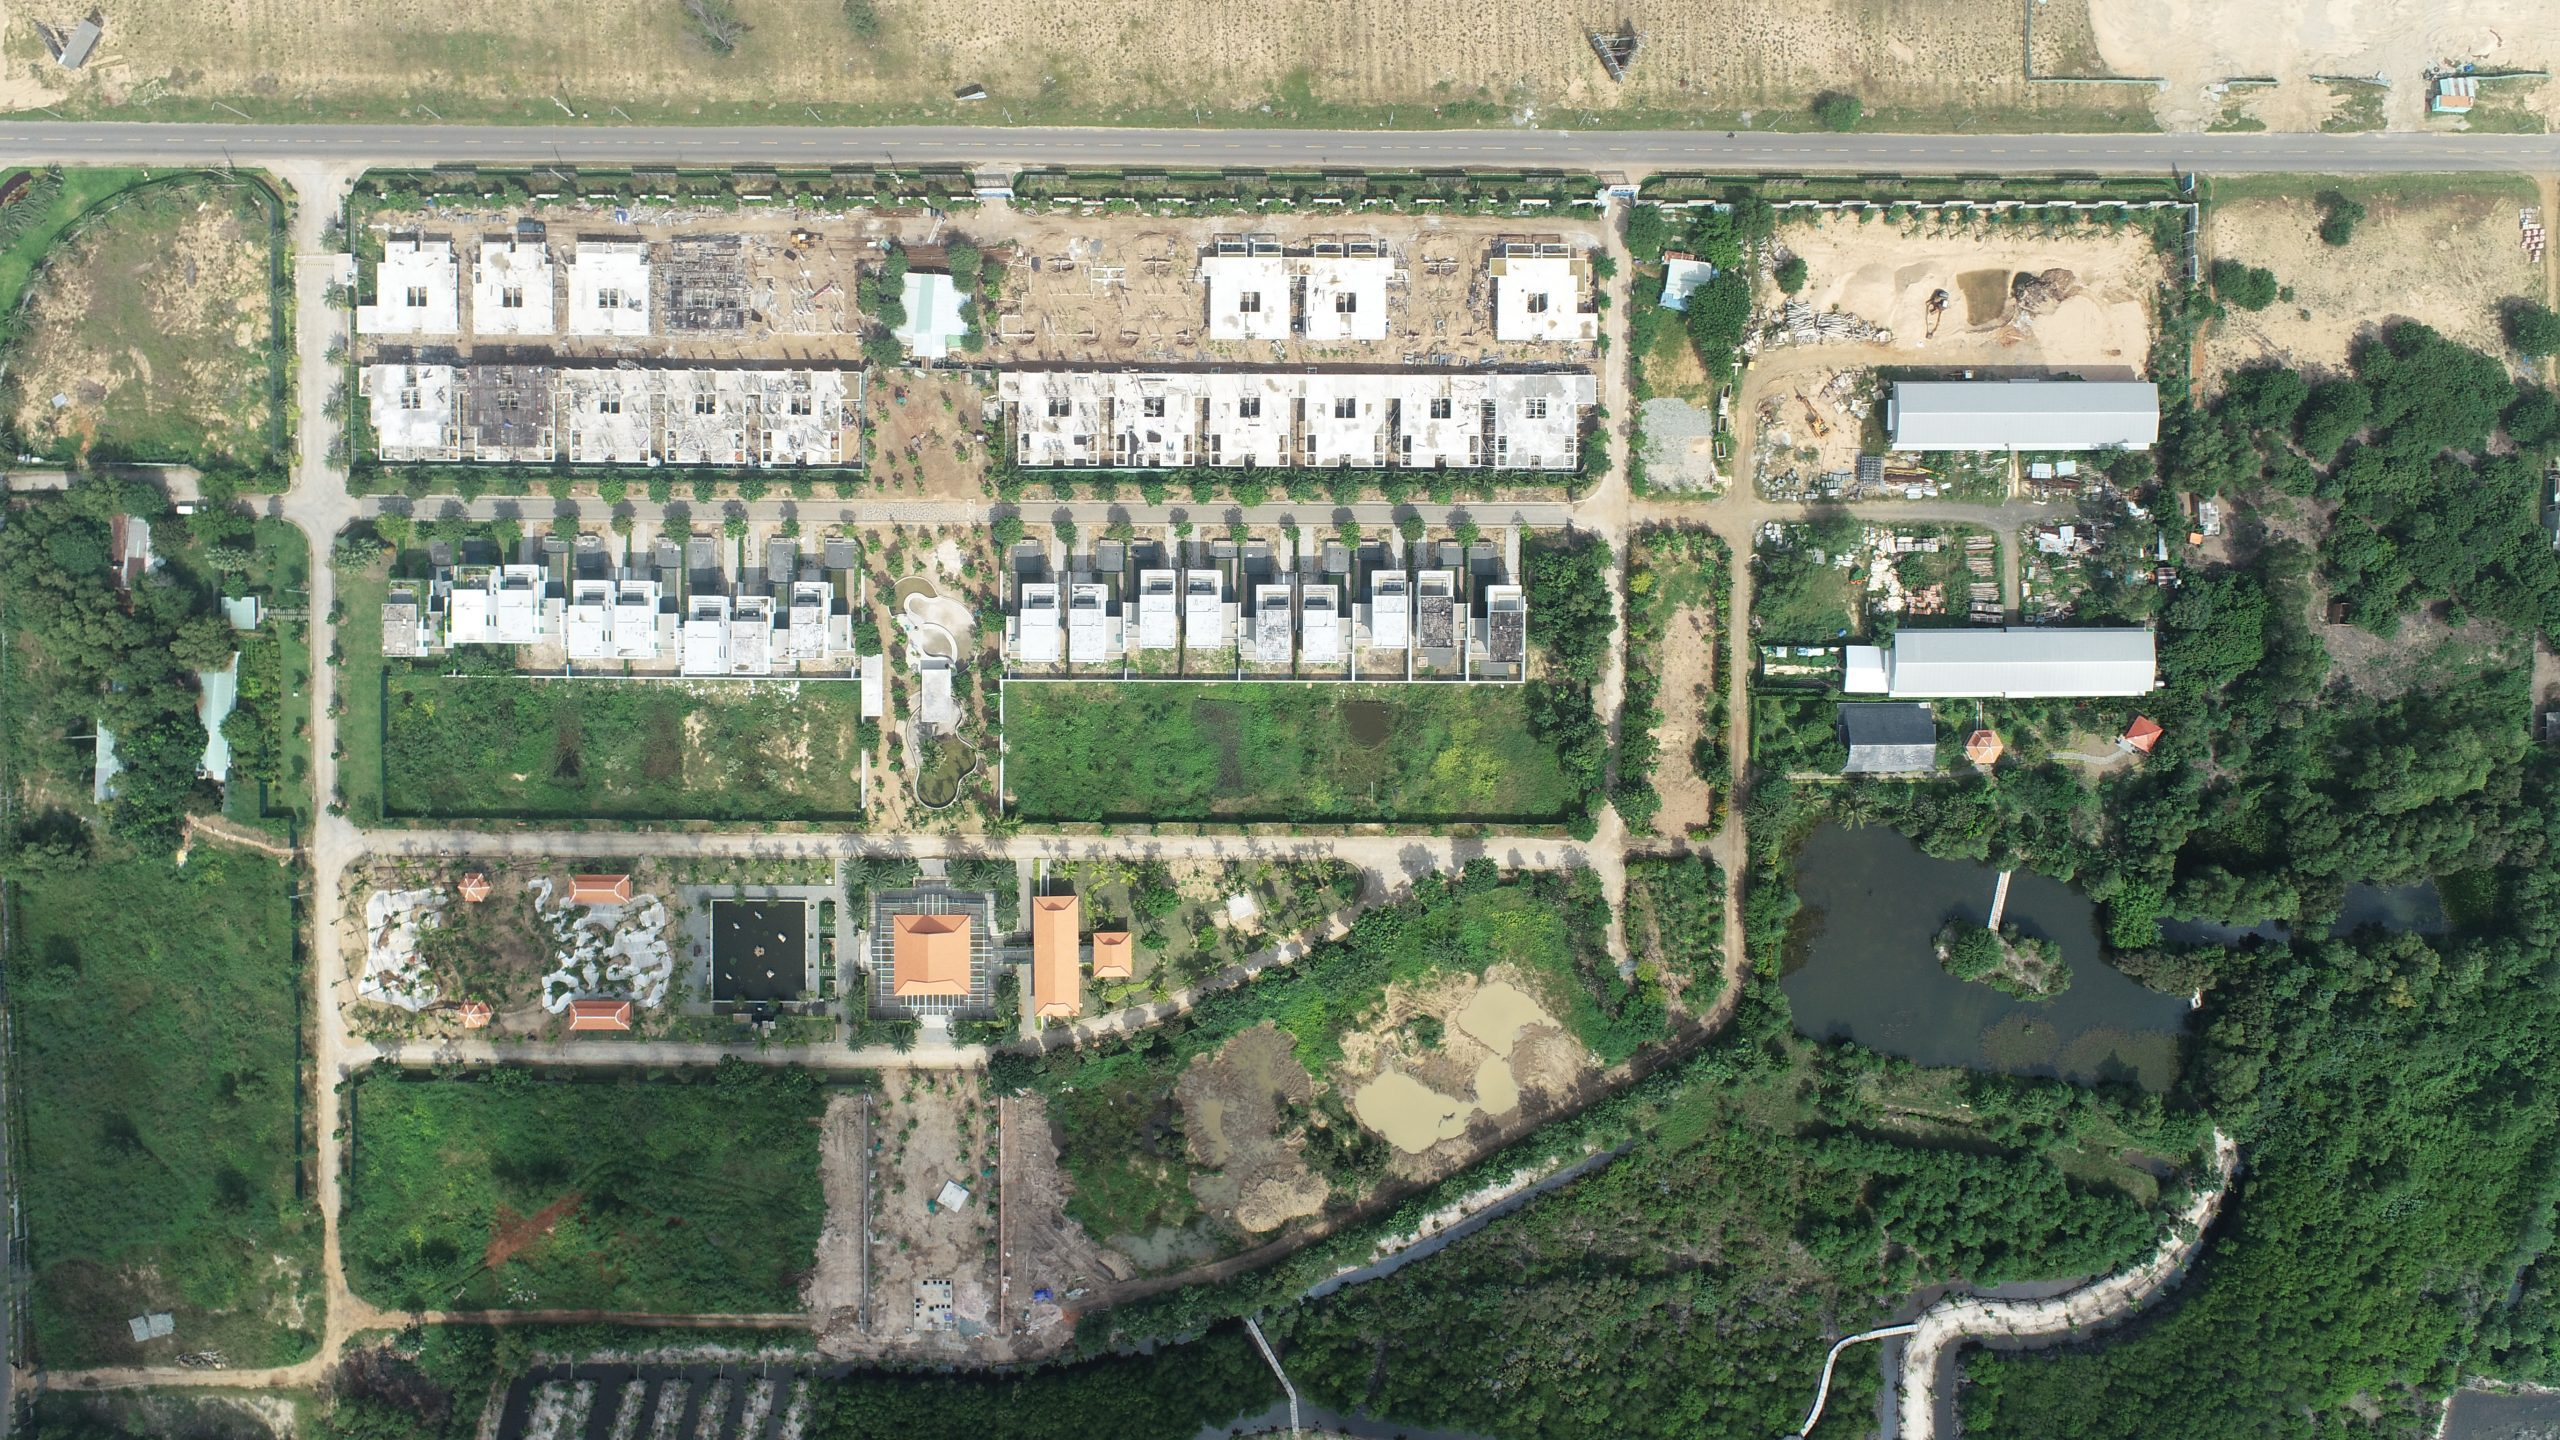 Tiến độ thi công khu nghỉ dưỡng Wyndham Grand Lagoona Binh Chau